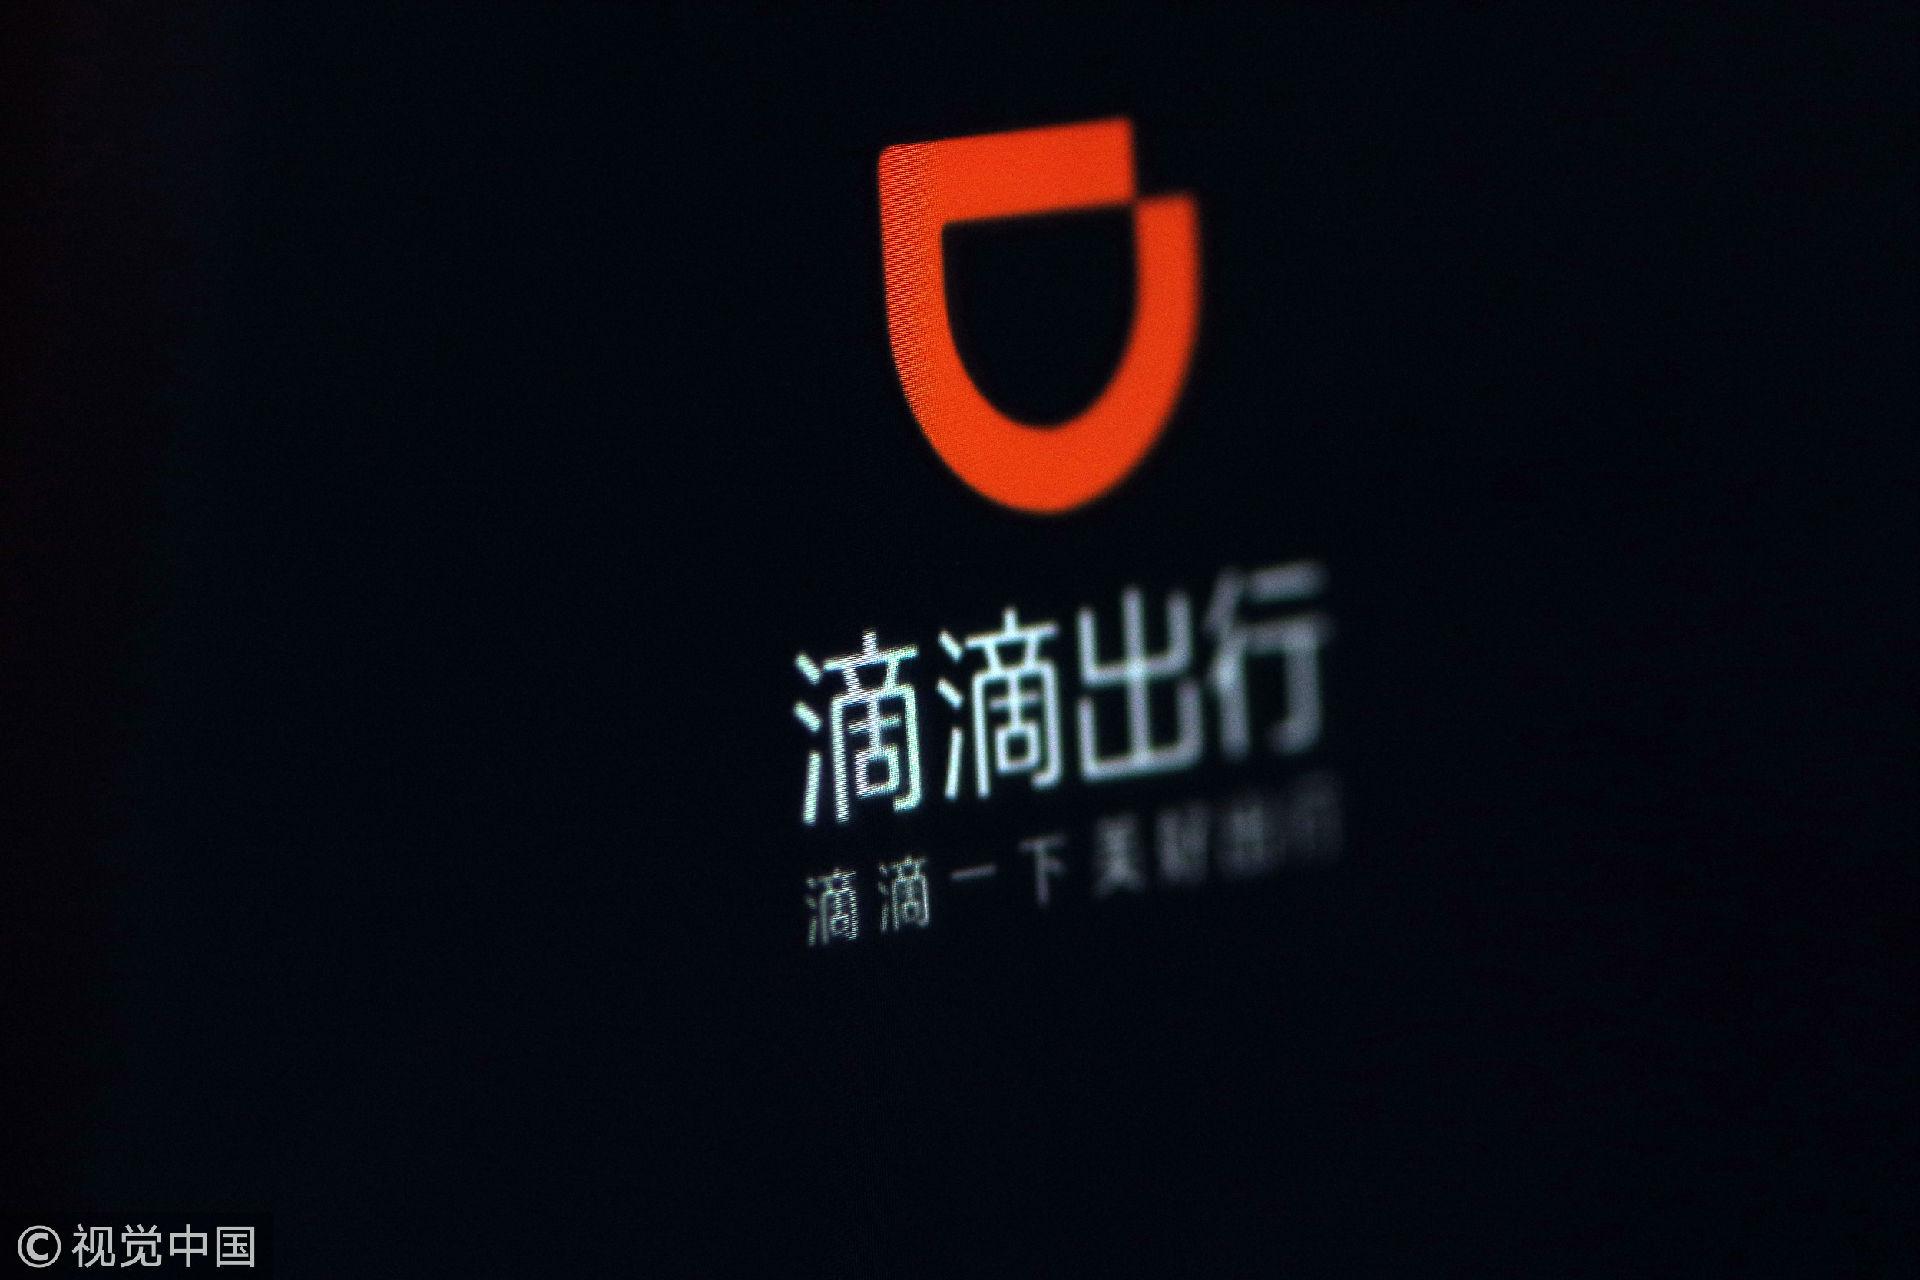 滴滴宣布组织架构升级,成立网约车平台和车主服务公司